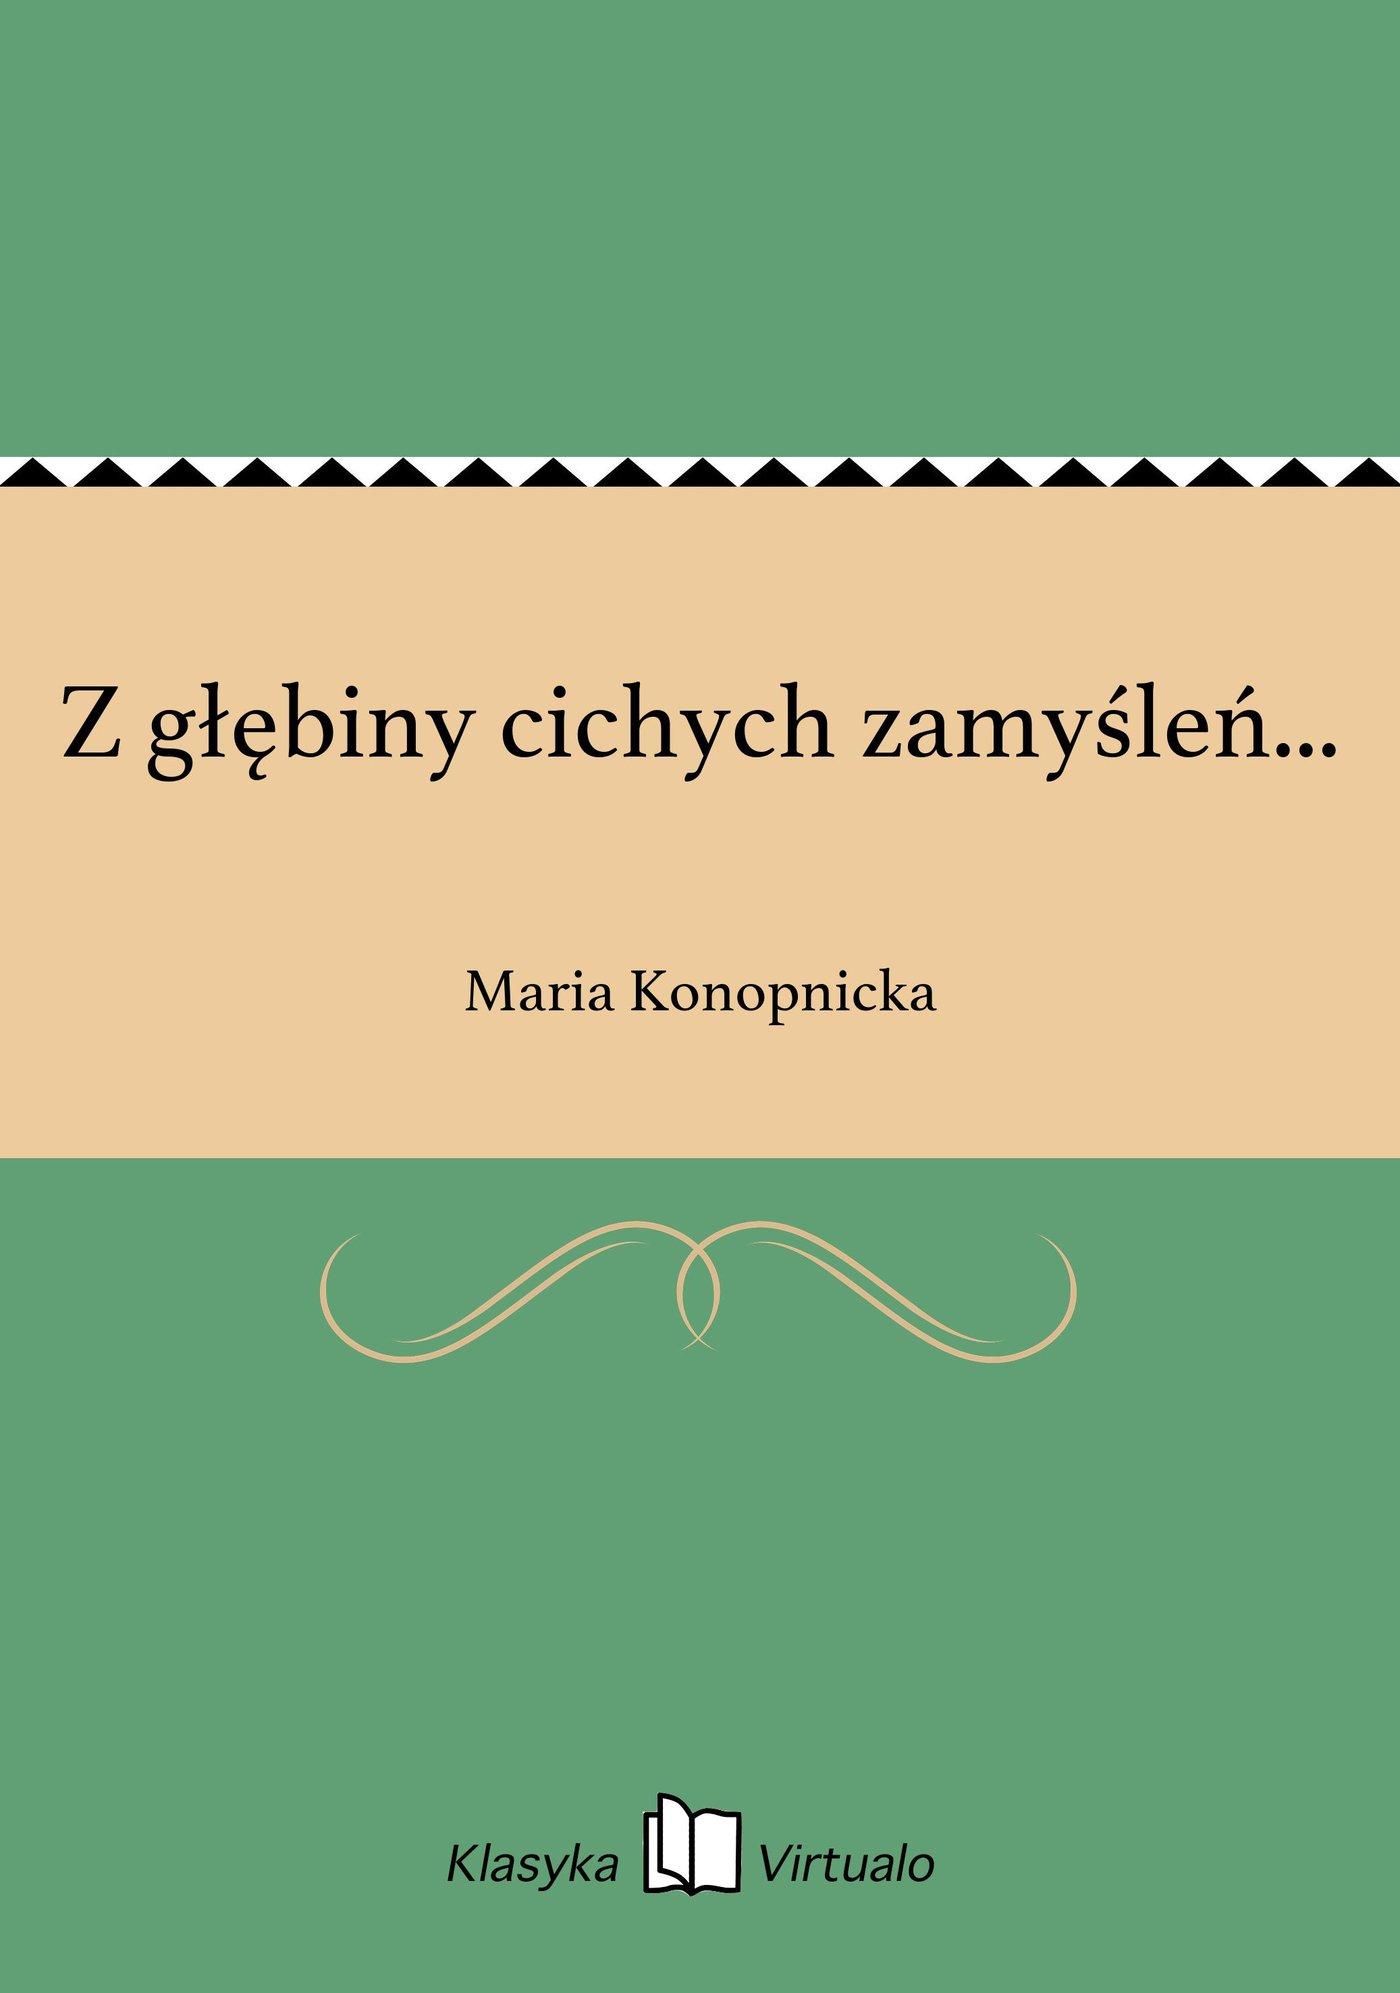 Z głębiny cichych zamyśleń... - Ebook (Książka na Kindle) do pobrania w formacie MOBI